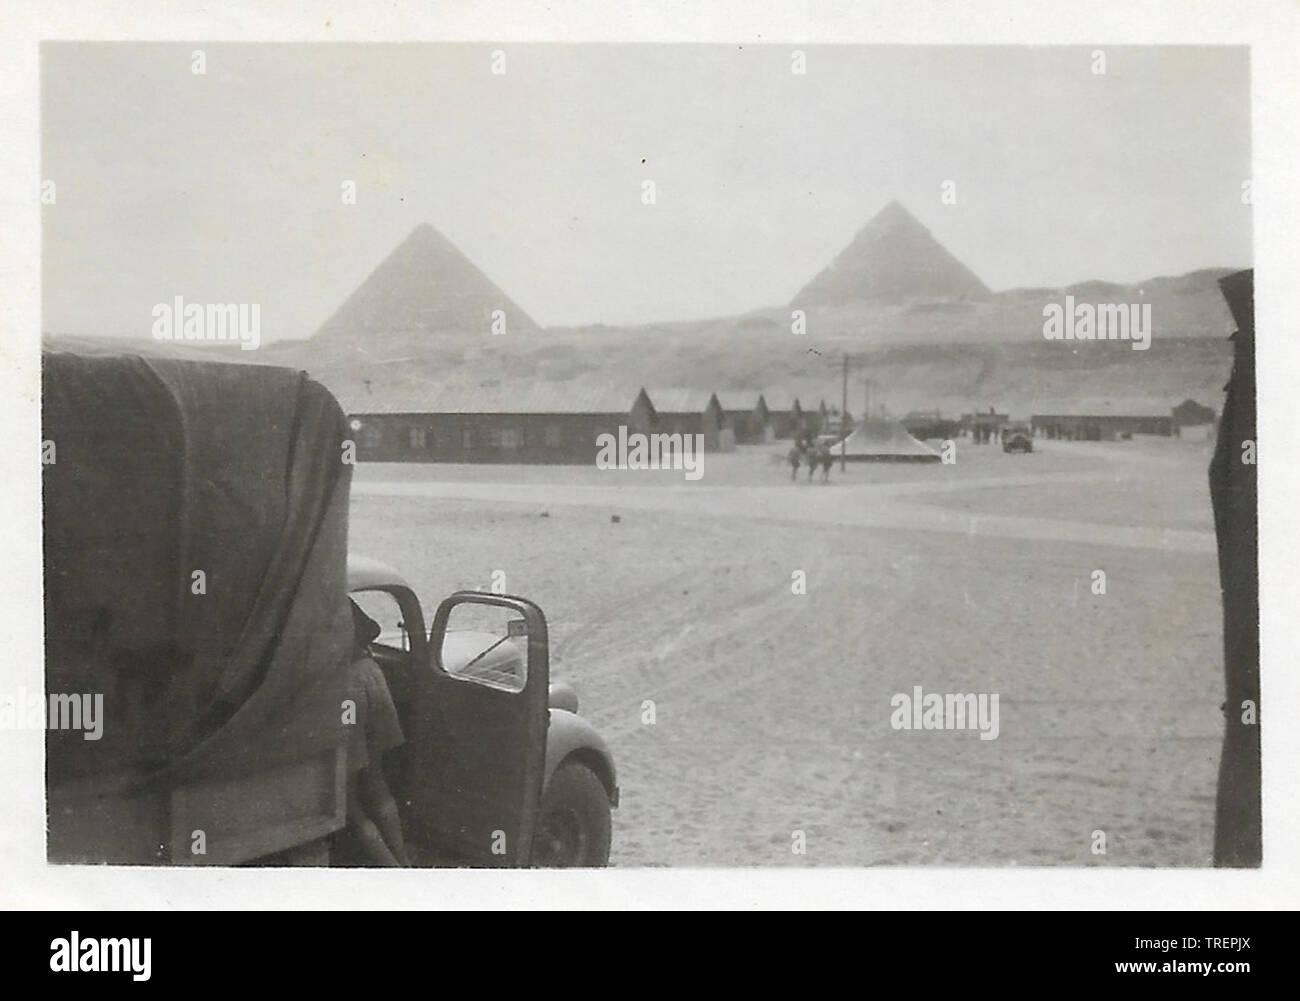 Zone de rassemblement de troupes Pyramides Egypte WW2. Prises en 1943/44 par Flt Sgt Gleed RAF WW2, de l'Escadron 223 Photo Stock